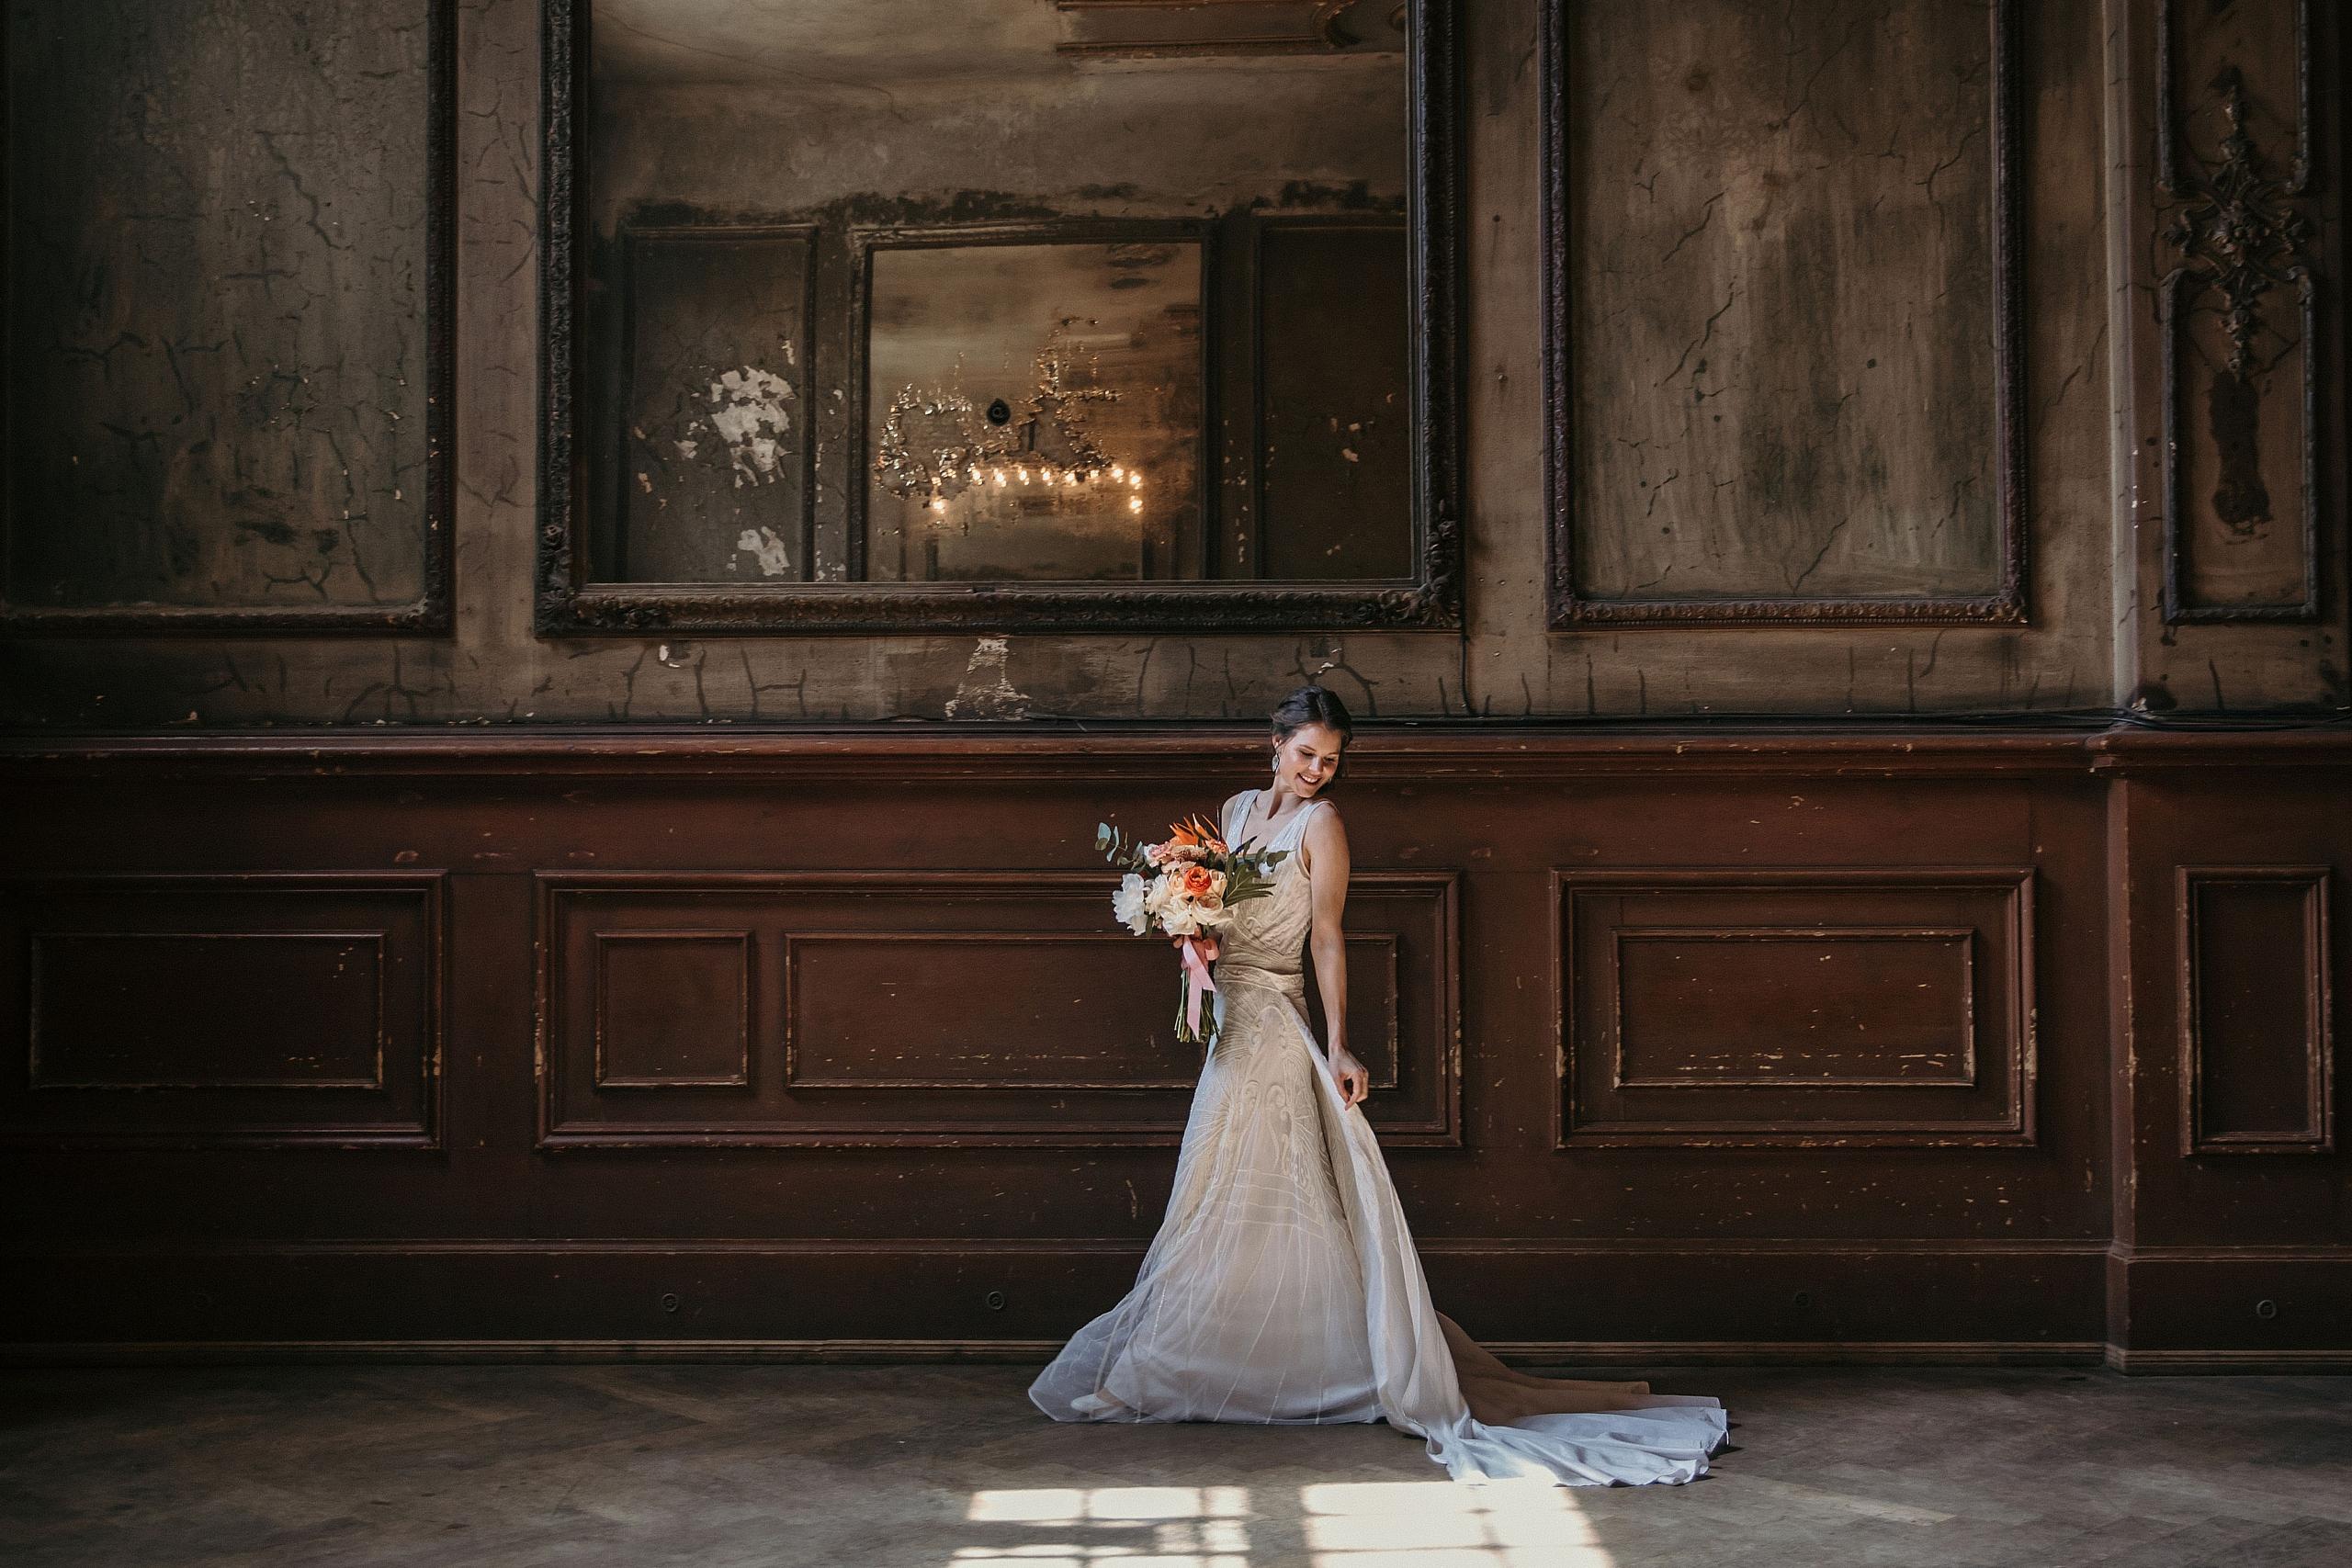 Lensofbeauty Claerchens Ballhaus Hochzeit 127 3 scaled 100x100